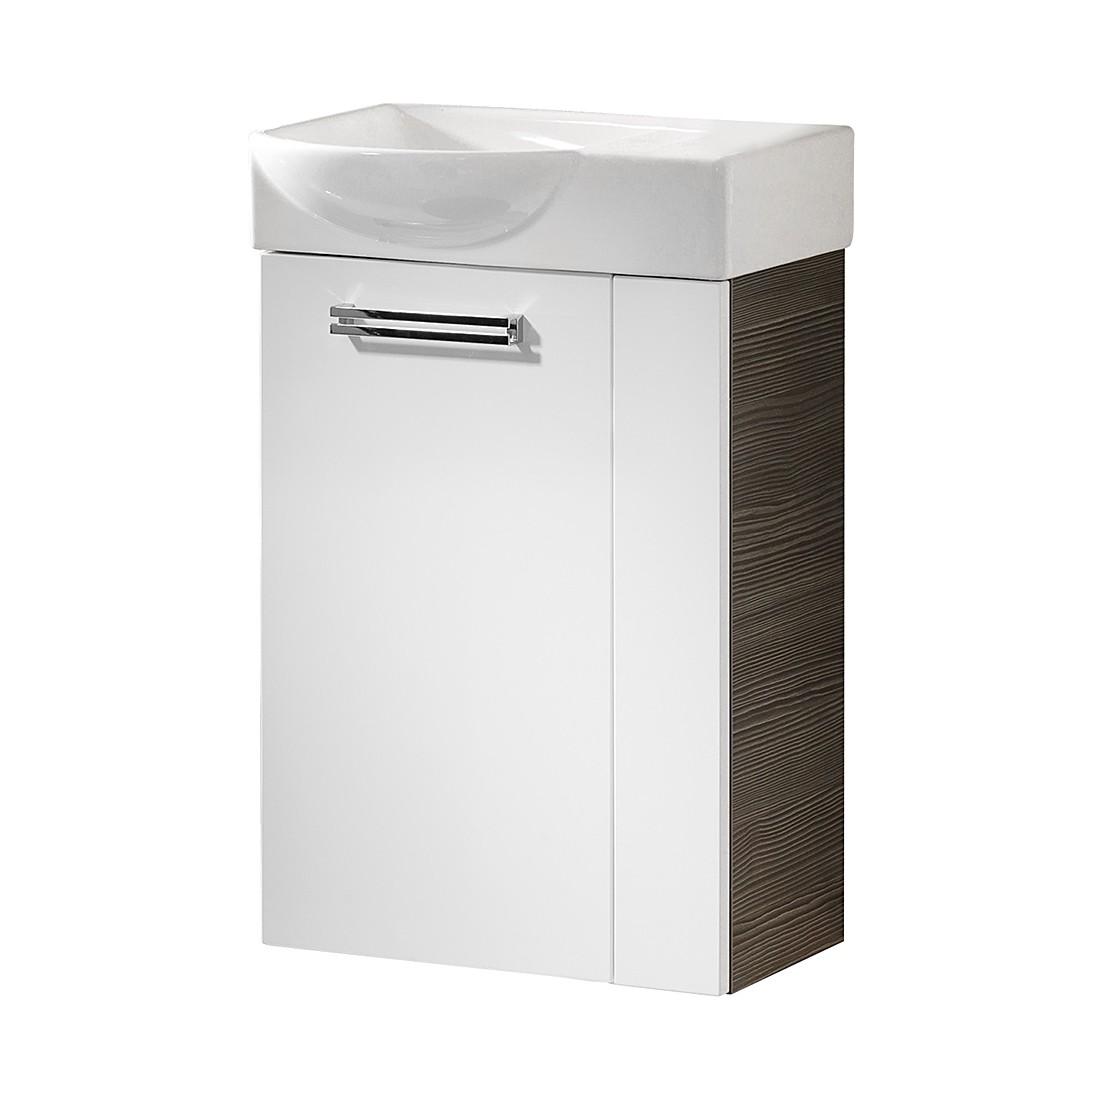 Waschtisch Como – Pinie-Anthrazit Dekor/Weiß – 45 cm – Links, Fackelmann bestellen